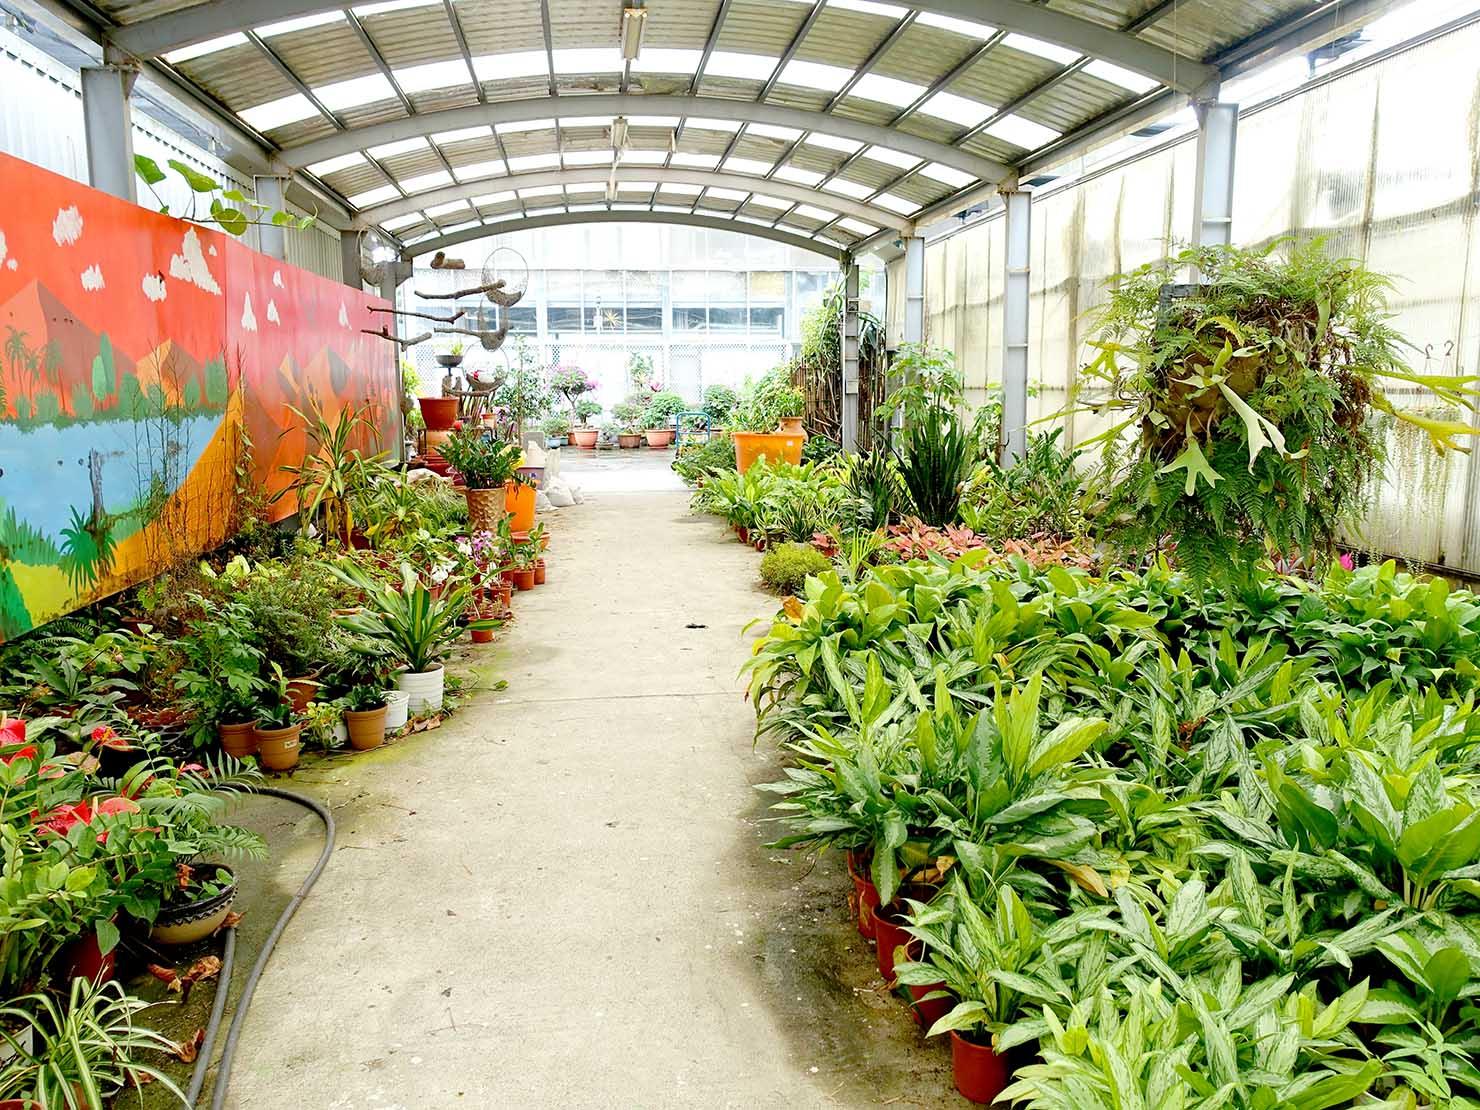 嘉義のおすすめ観光スポット「國立嘉義大學(蘭潭校區)」キャンパス内に並ぶ植物